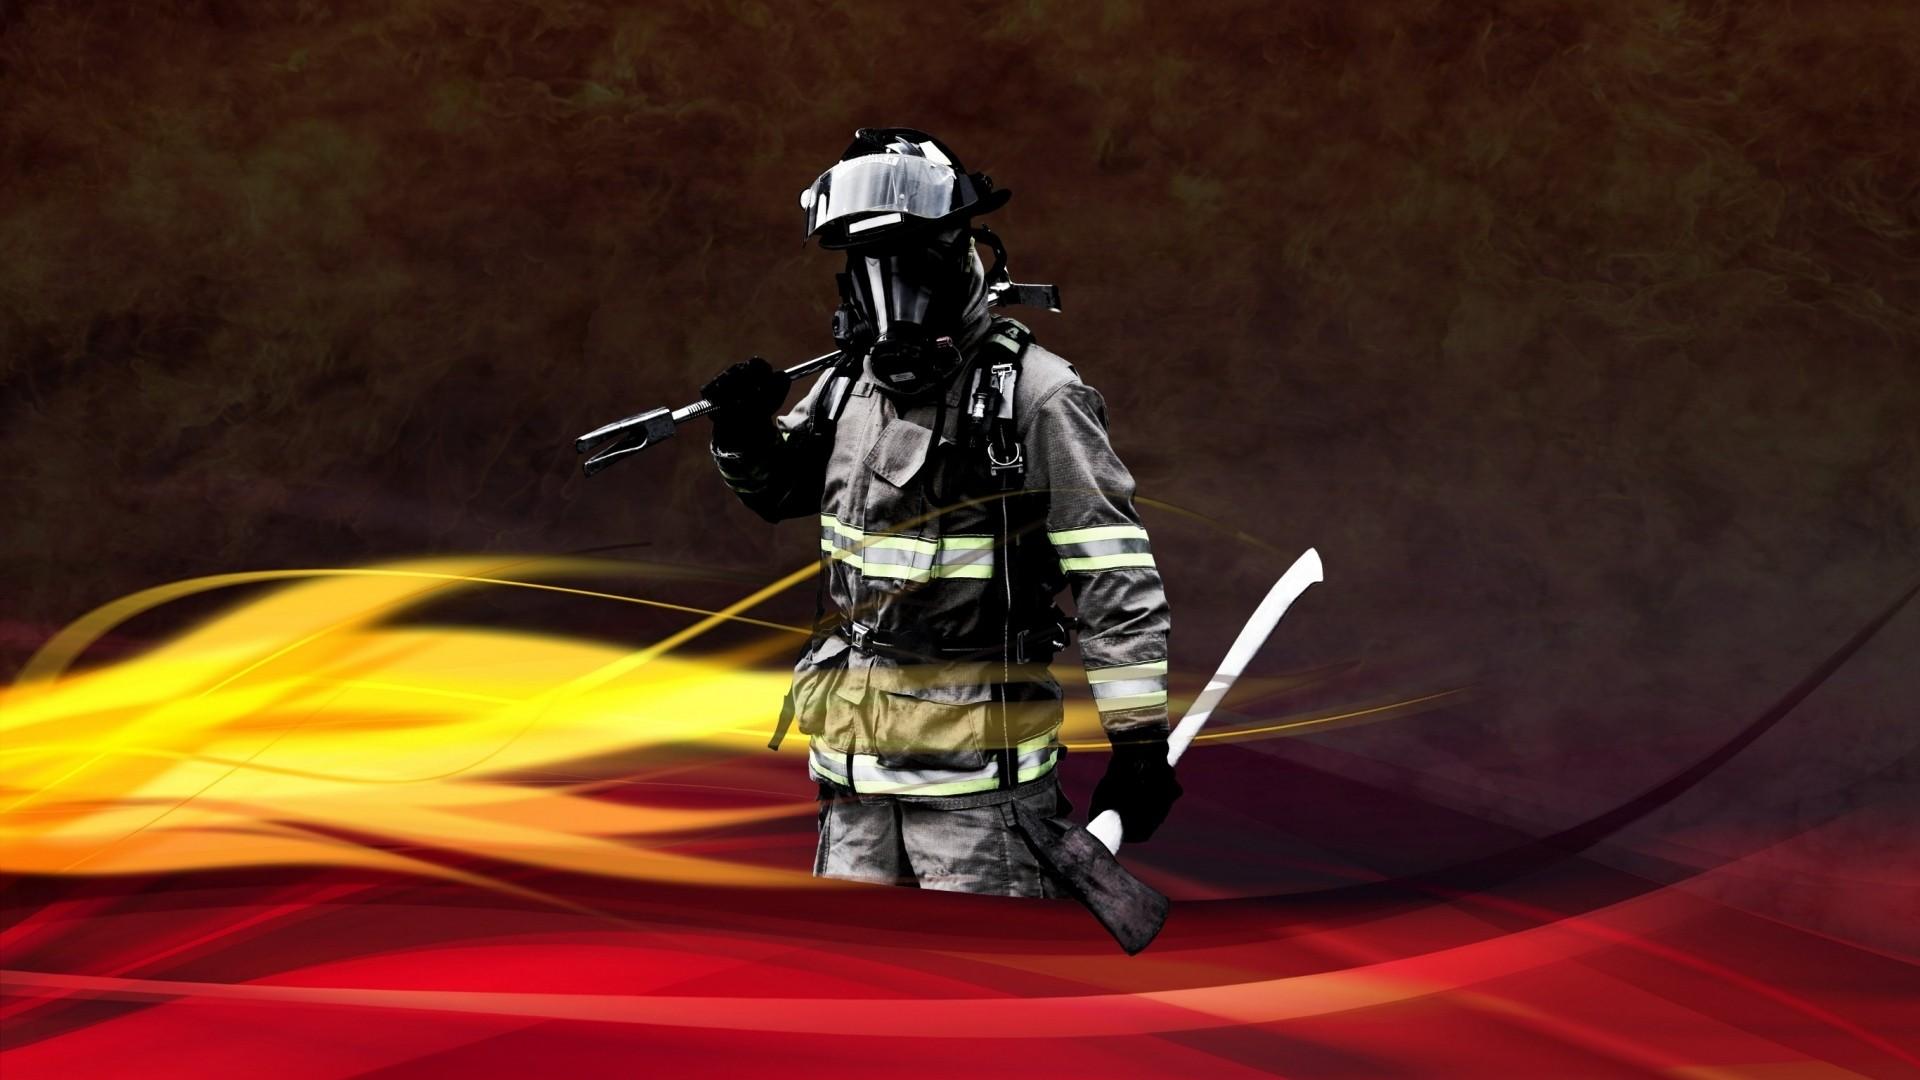 Firefighter HD Wallpaper